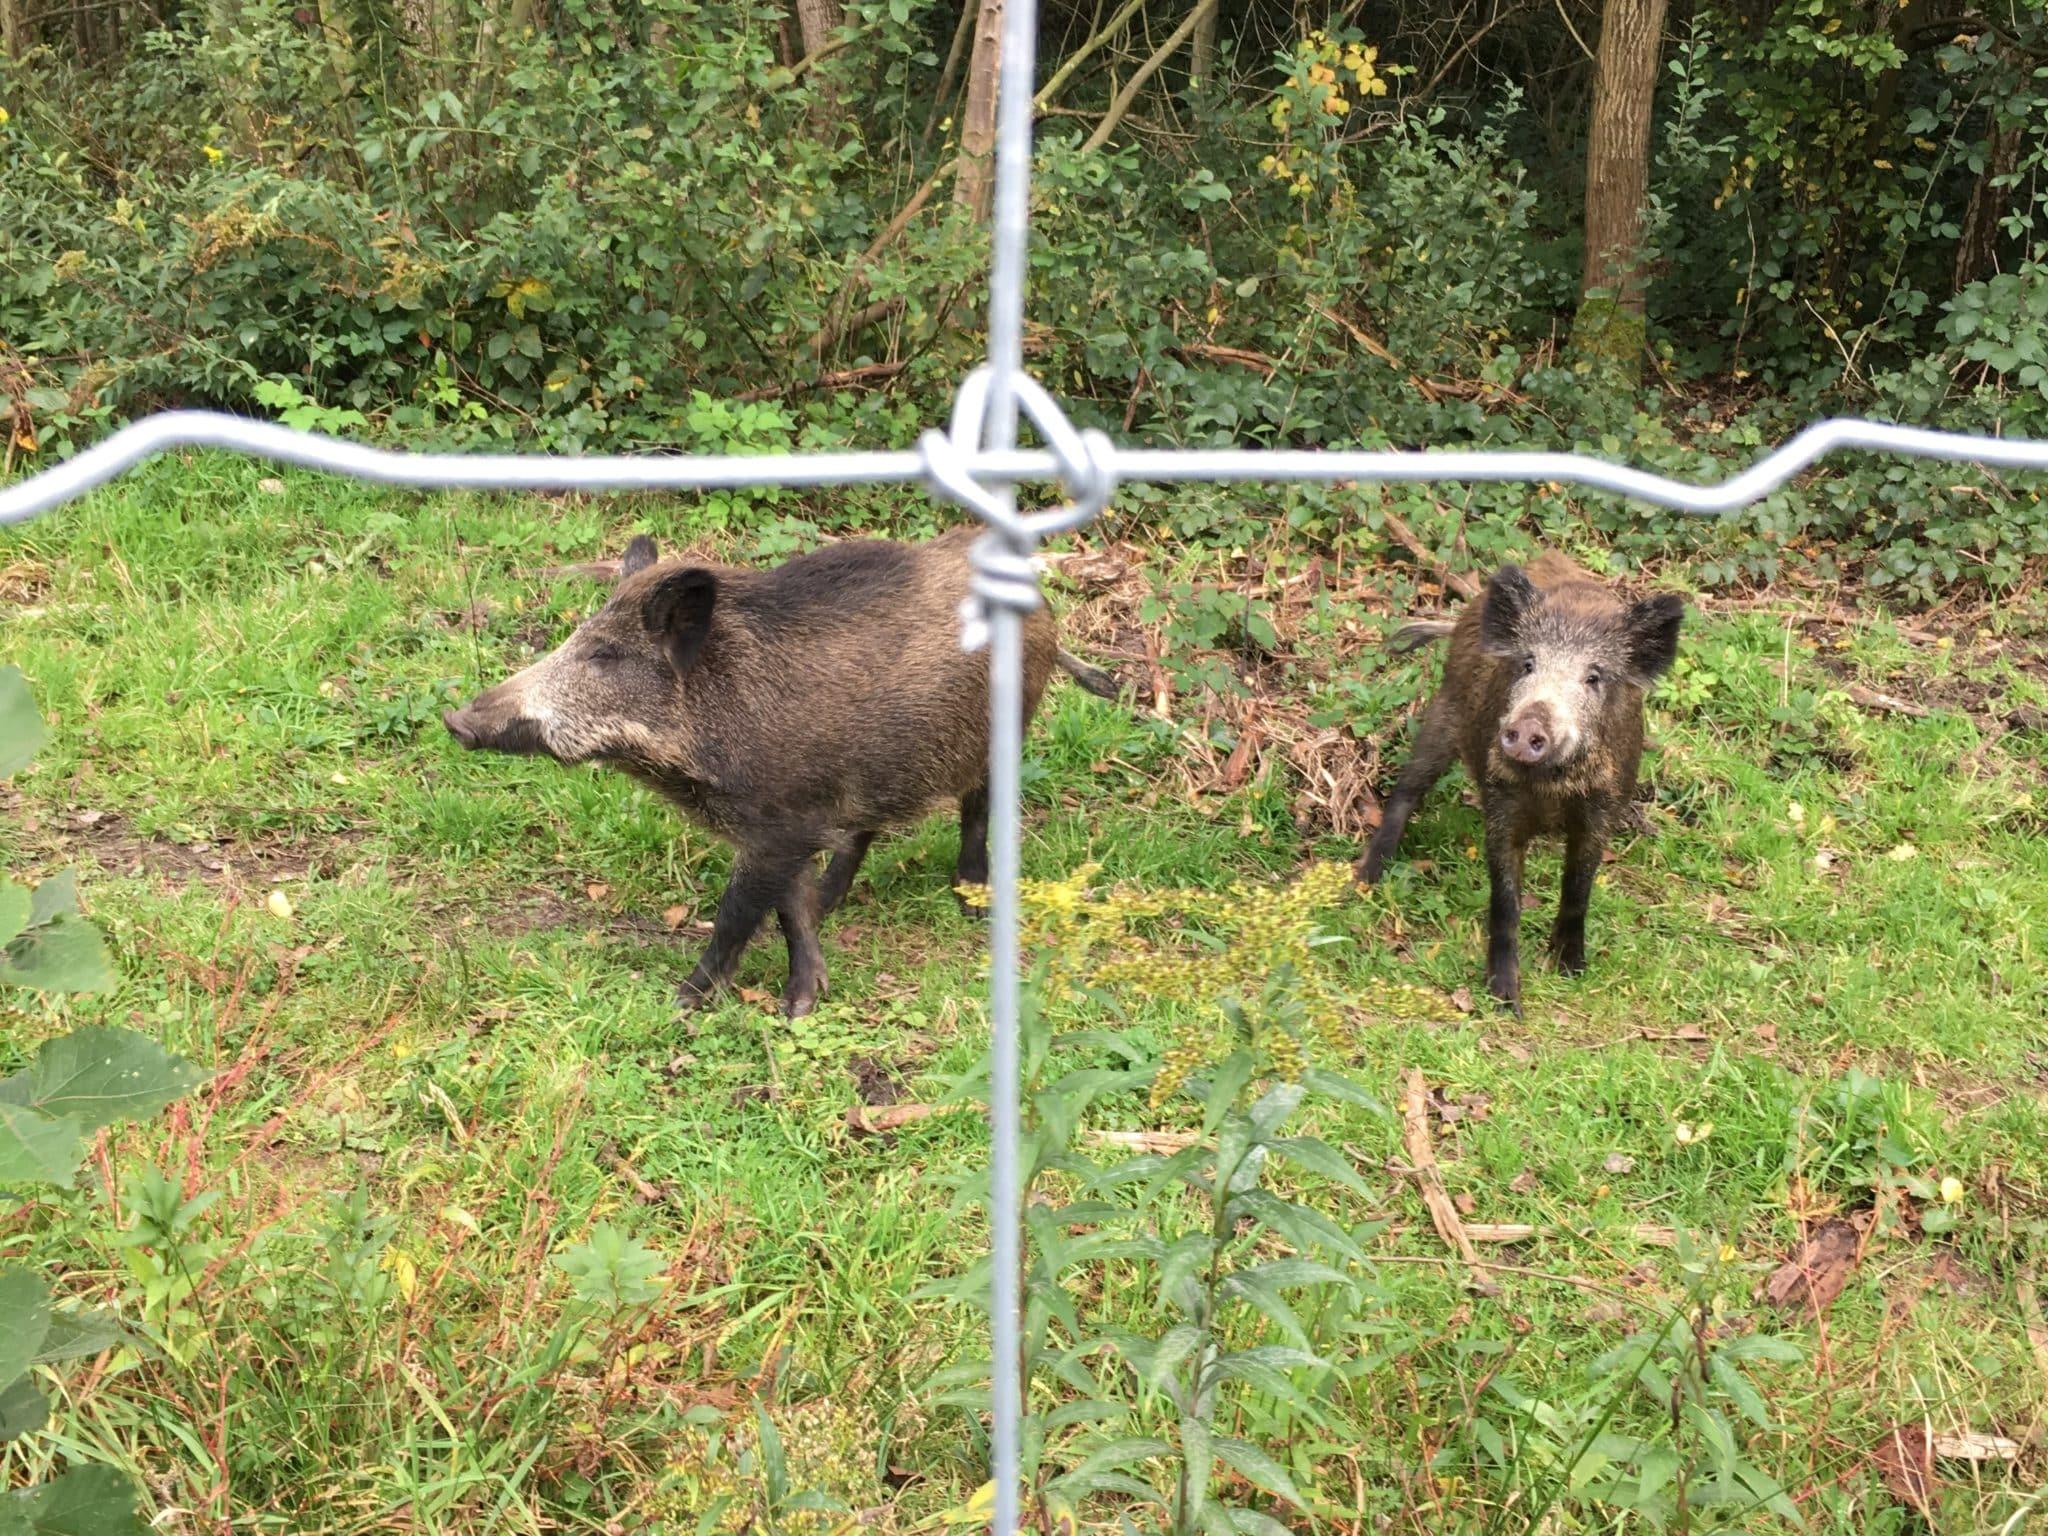 ASP Schweinepest Zaunmaterial ASP Spezialgeflecht ASP Prävention Wildschweinzaun Wildschweinschutzzaun Tierpark Wildgehege Supernet gegen Wildschweine